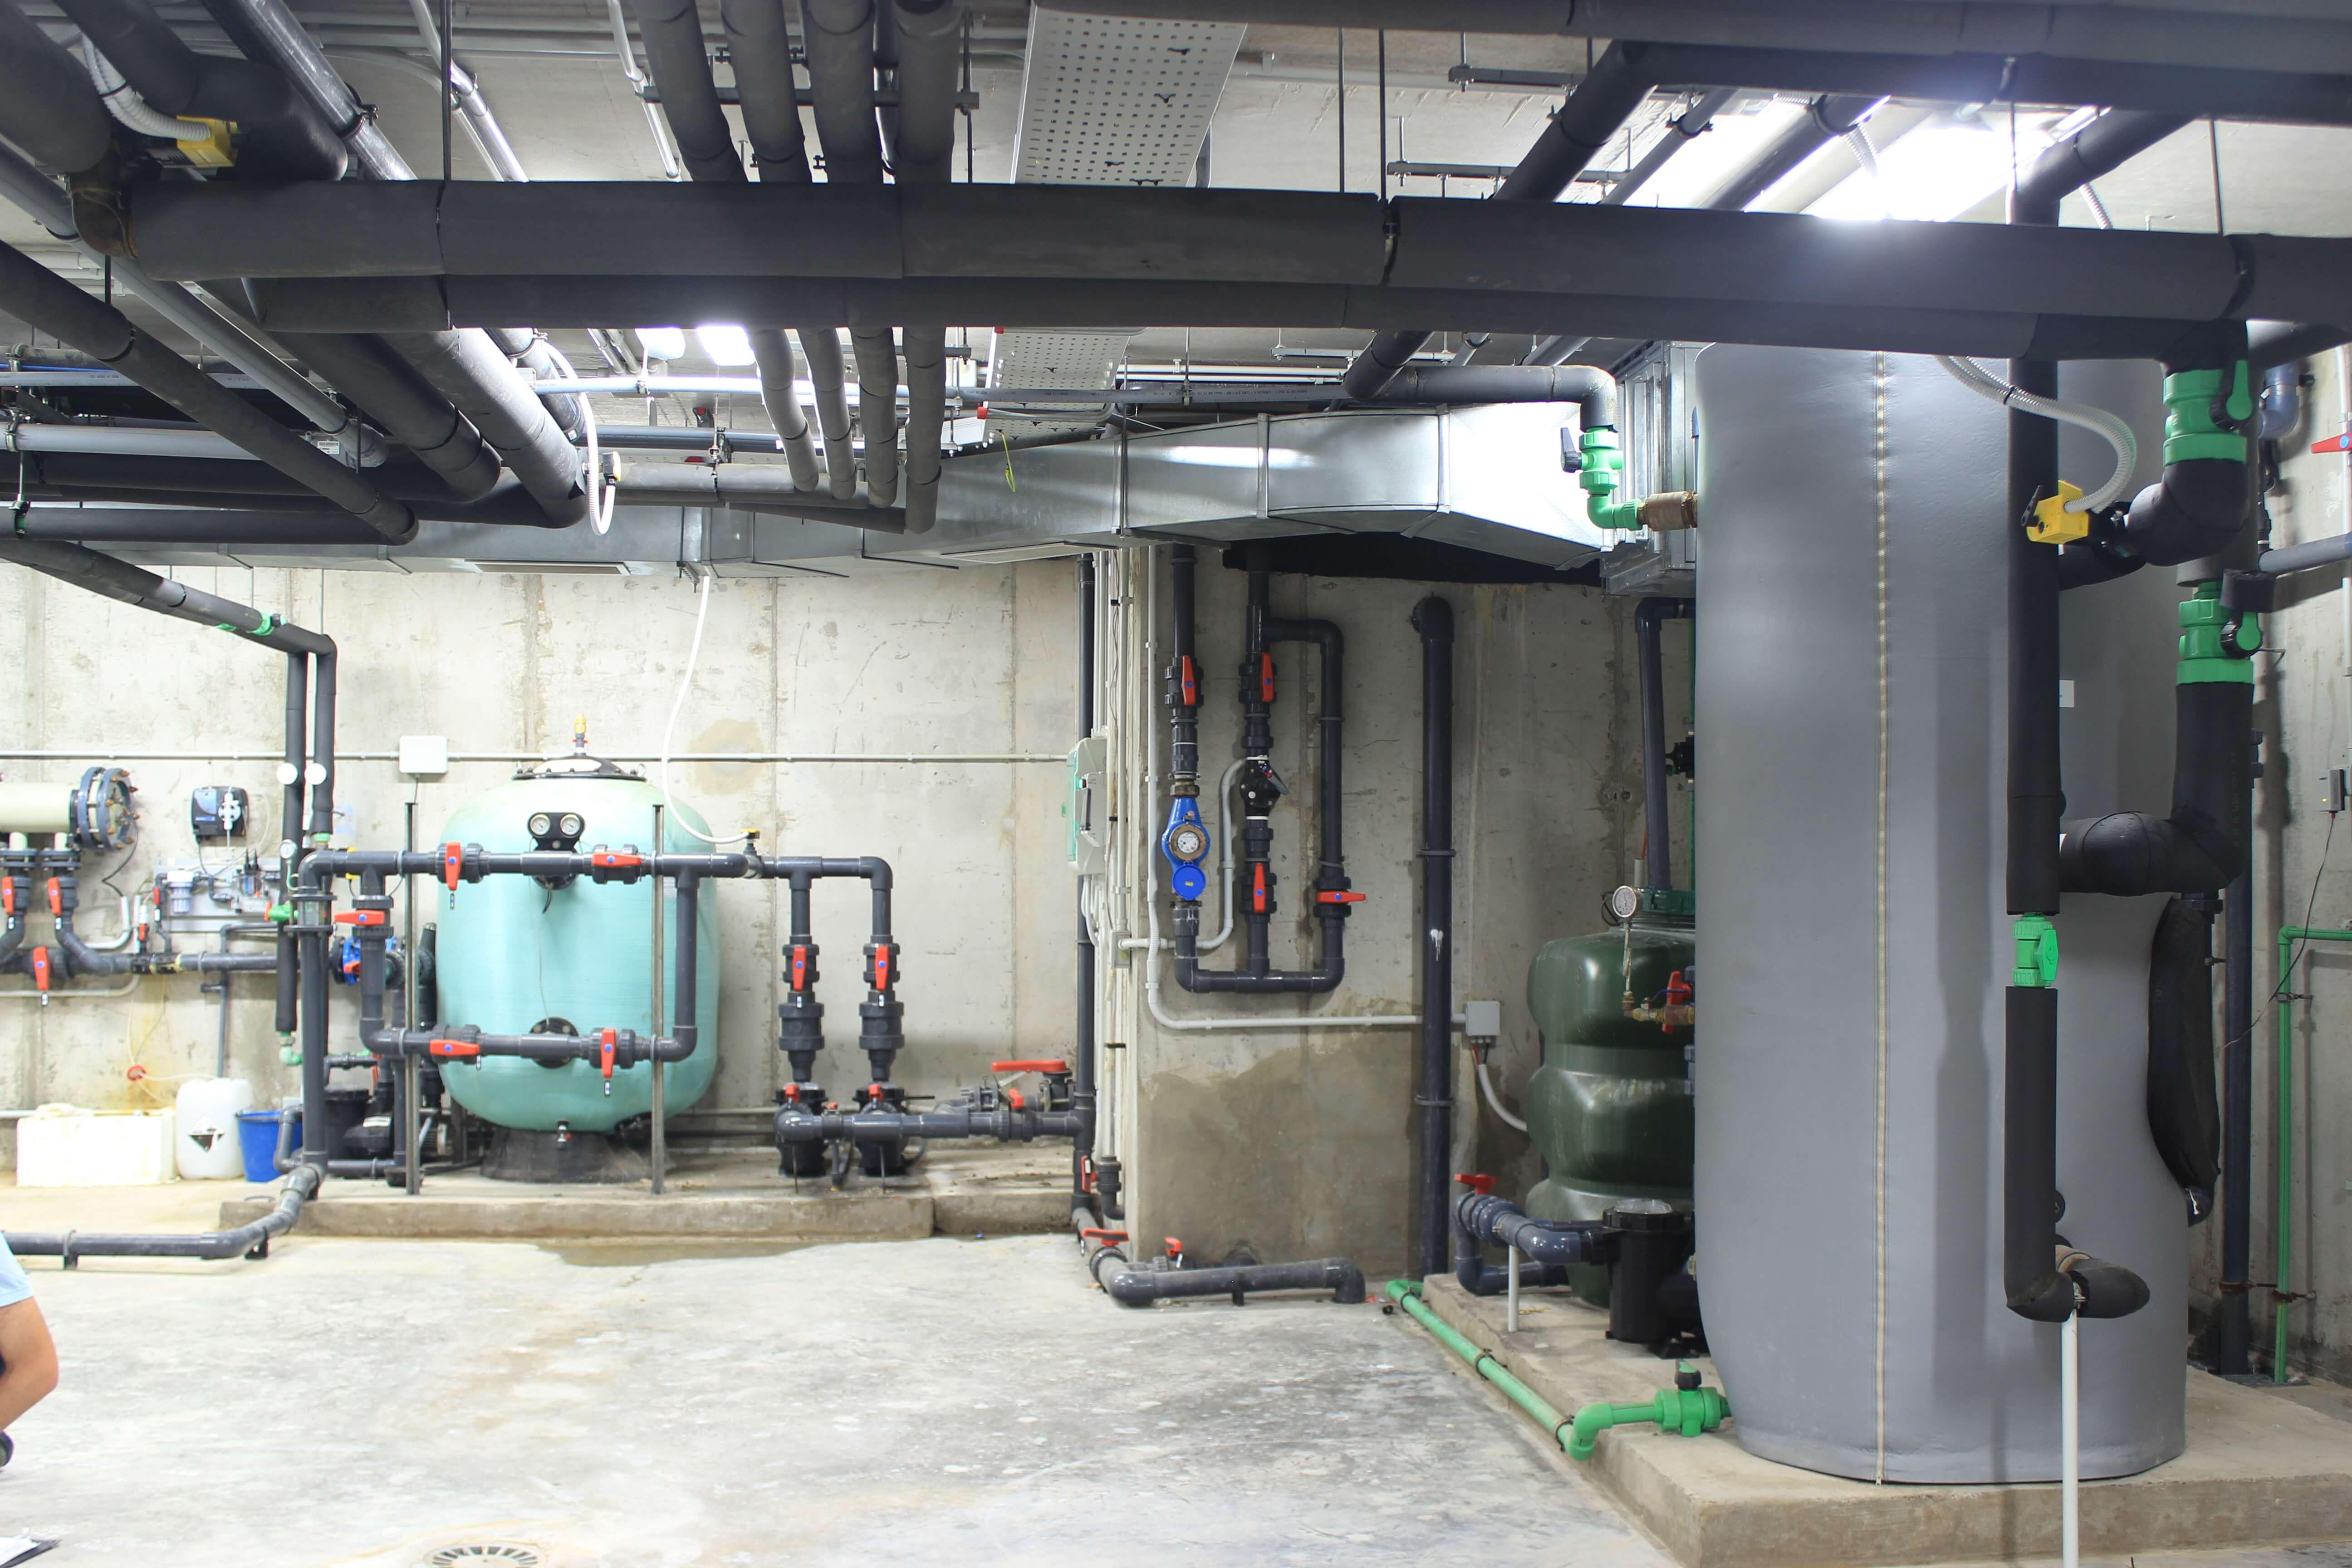 Vista general de parte de la sala de máquinas en sótano